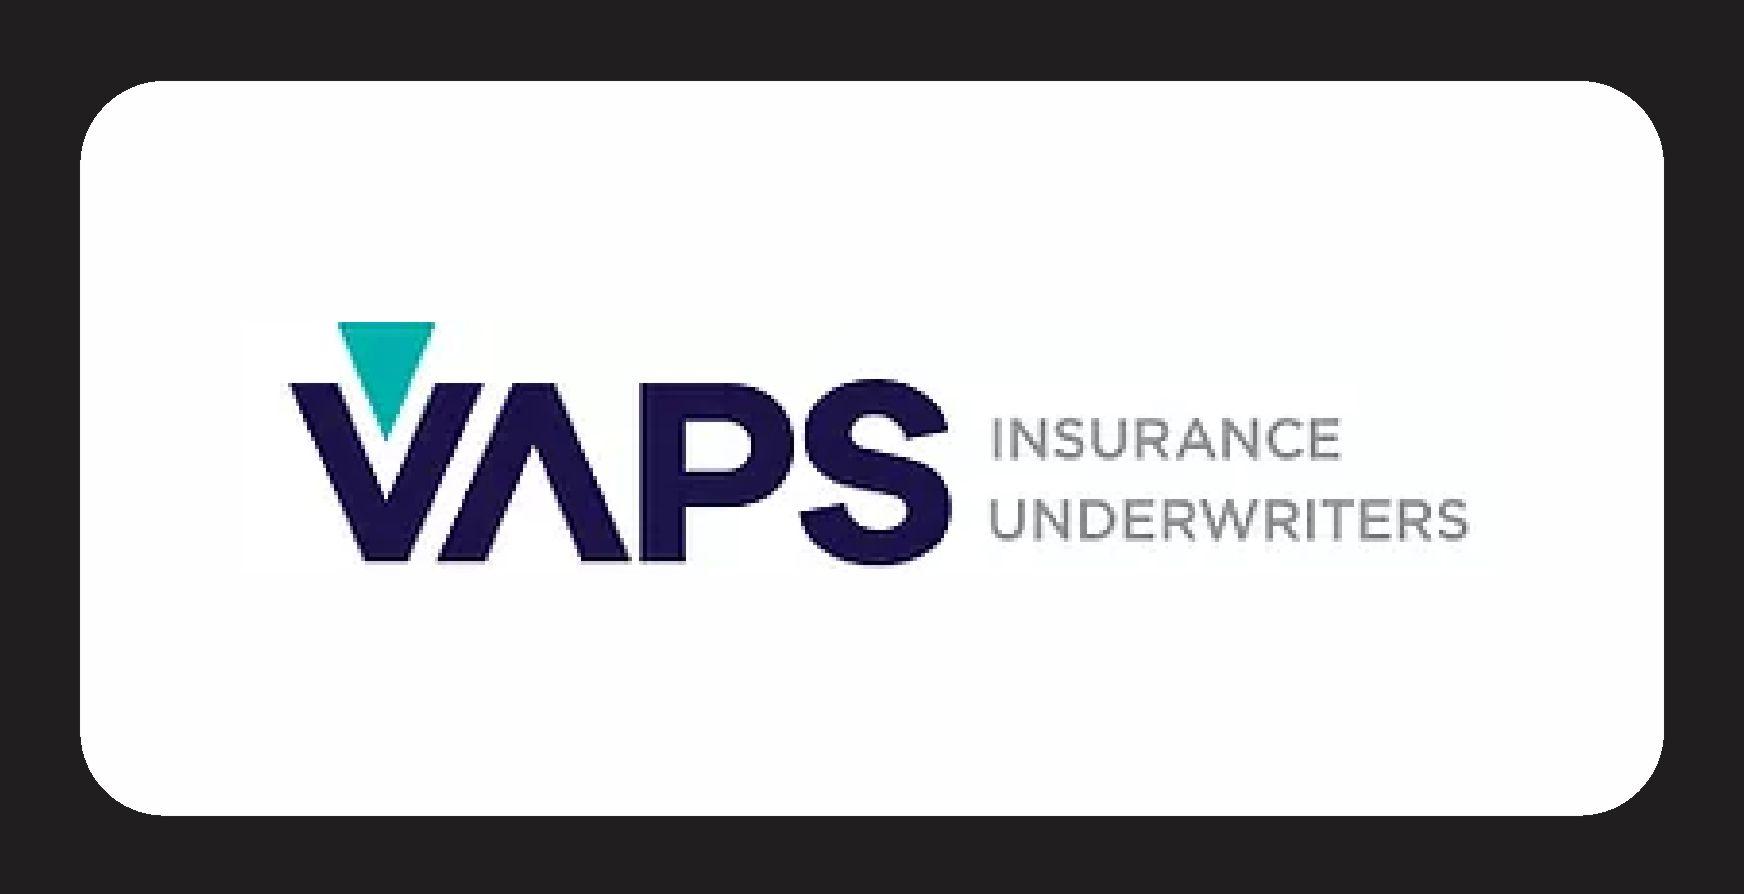 Vaps_Insurance